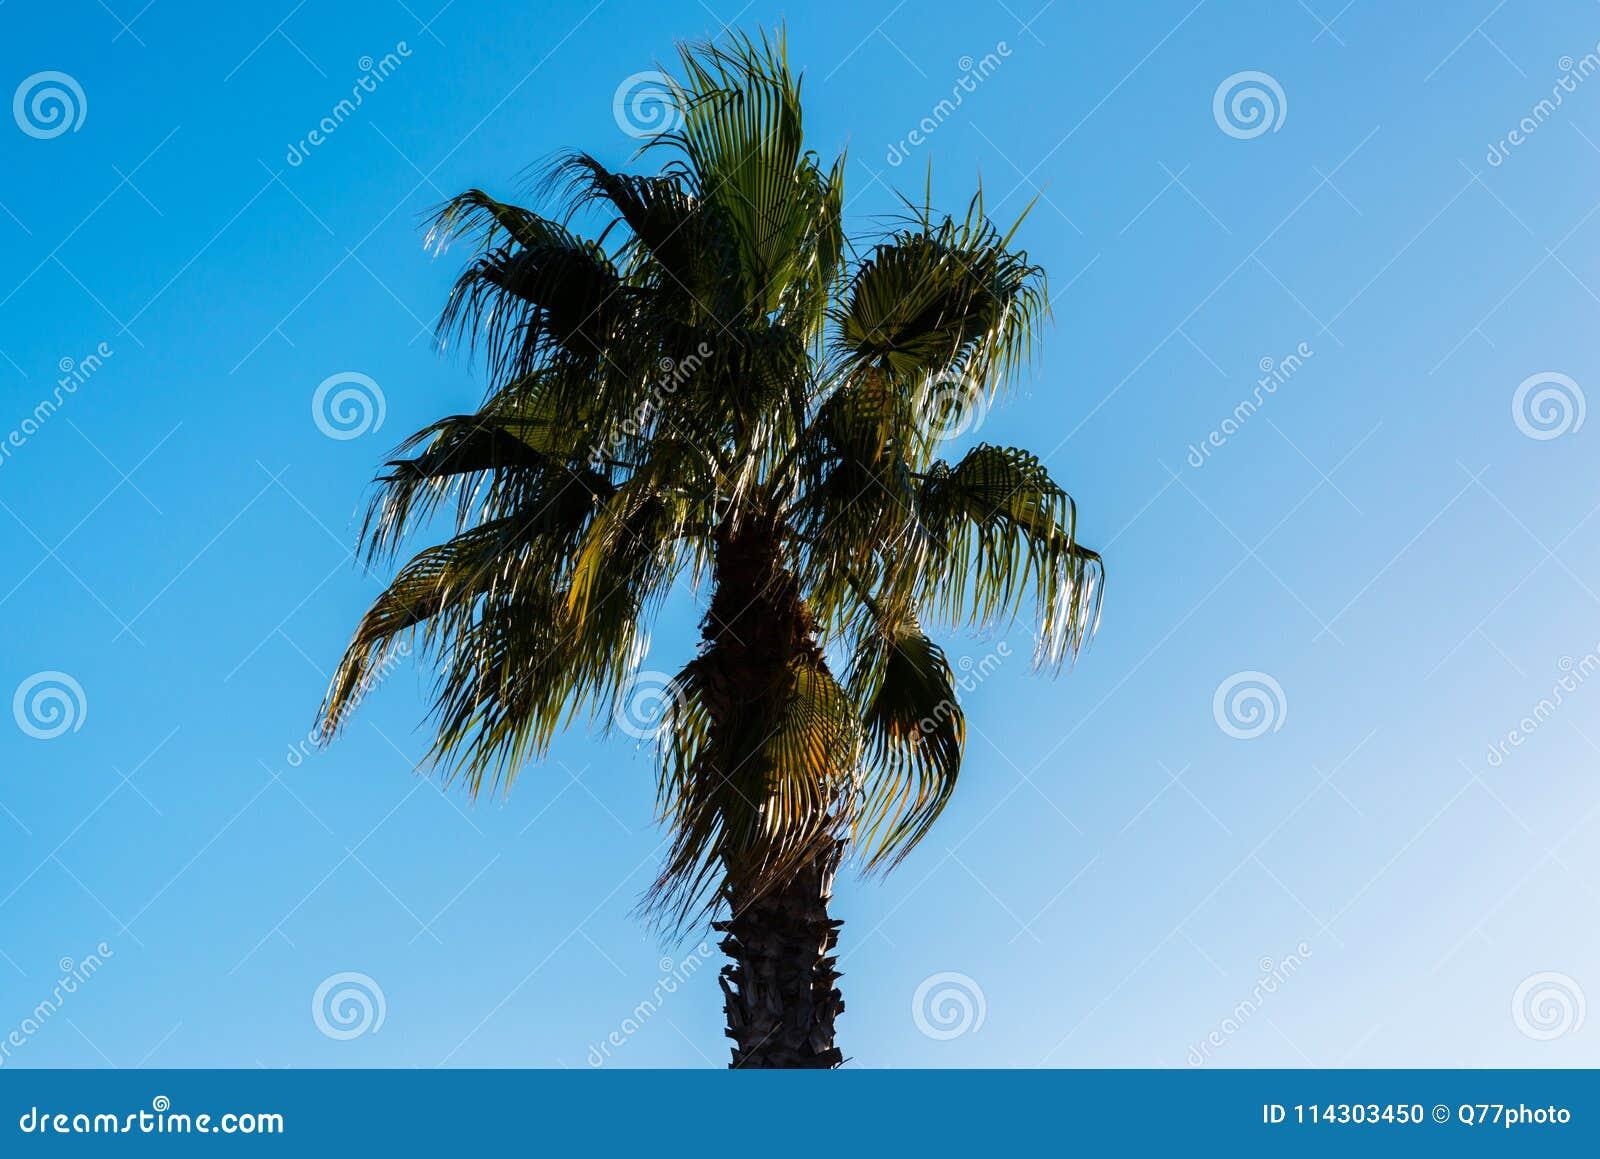 Bella palma di diffusione, simbolo esotico delle piante delle feste,